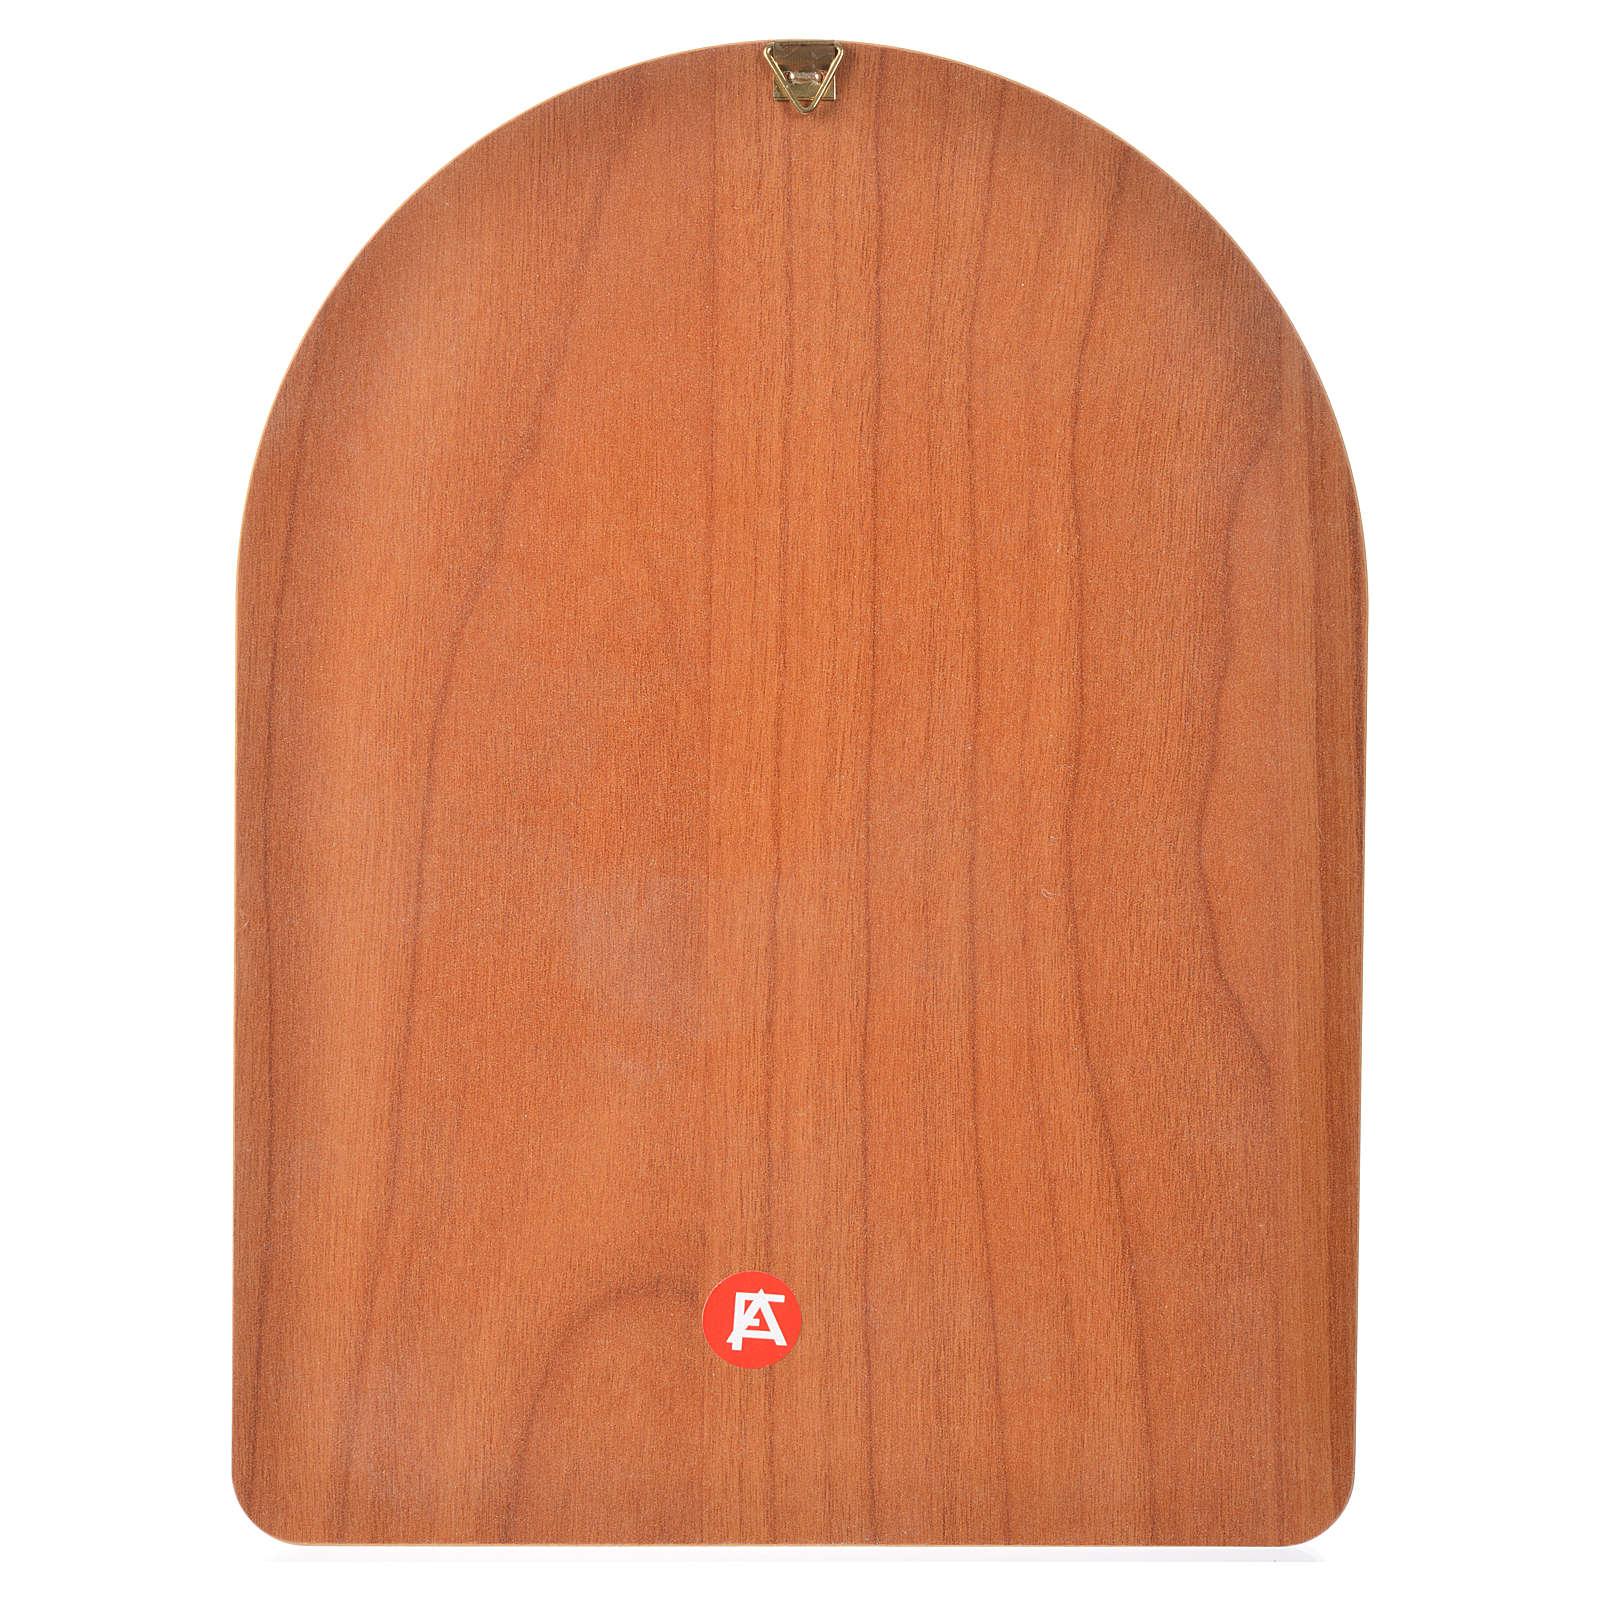 Stampa su legno 15x20cm San Pio 3